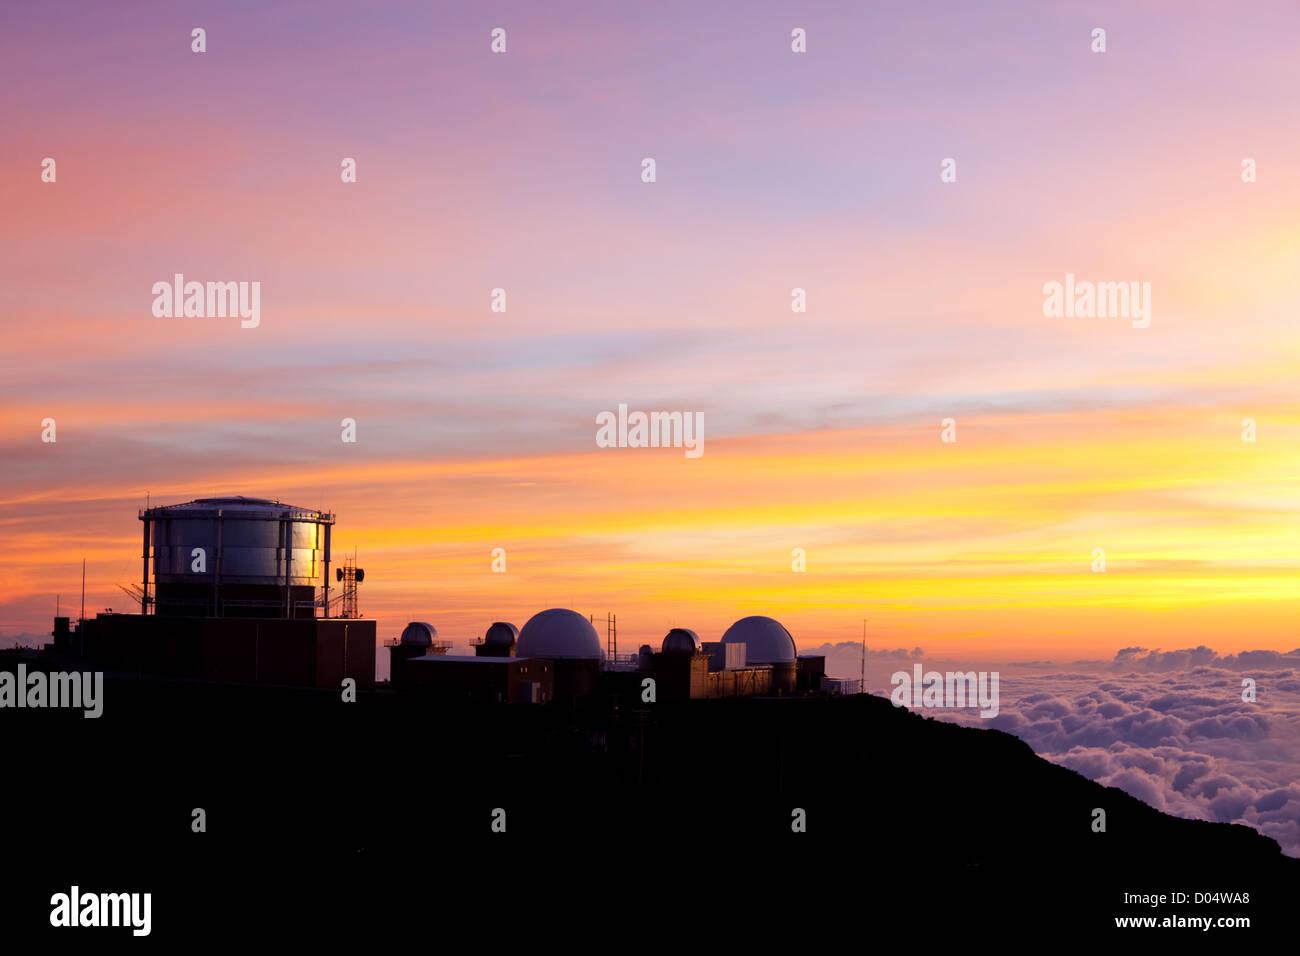 Haleakala Observatories on  Hawaii island of Maui - Stock Image